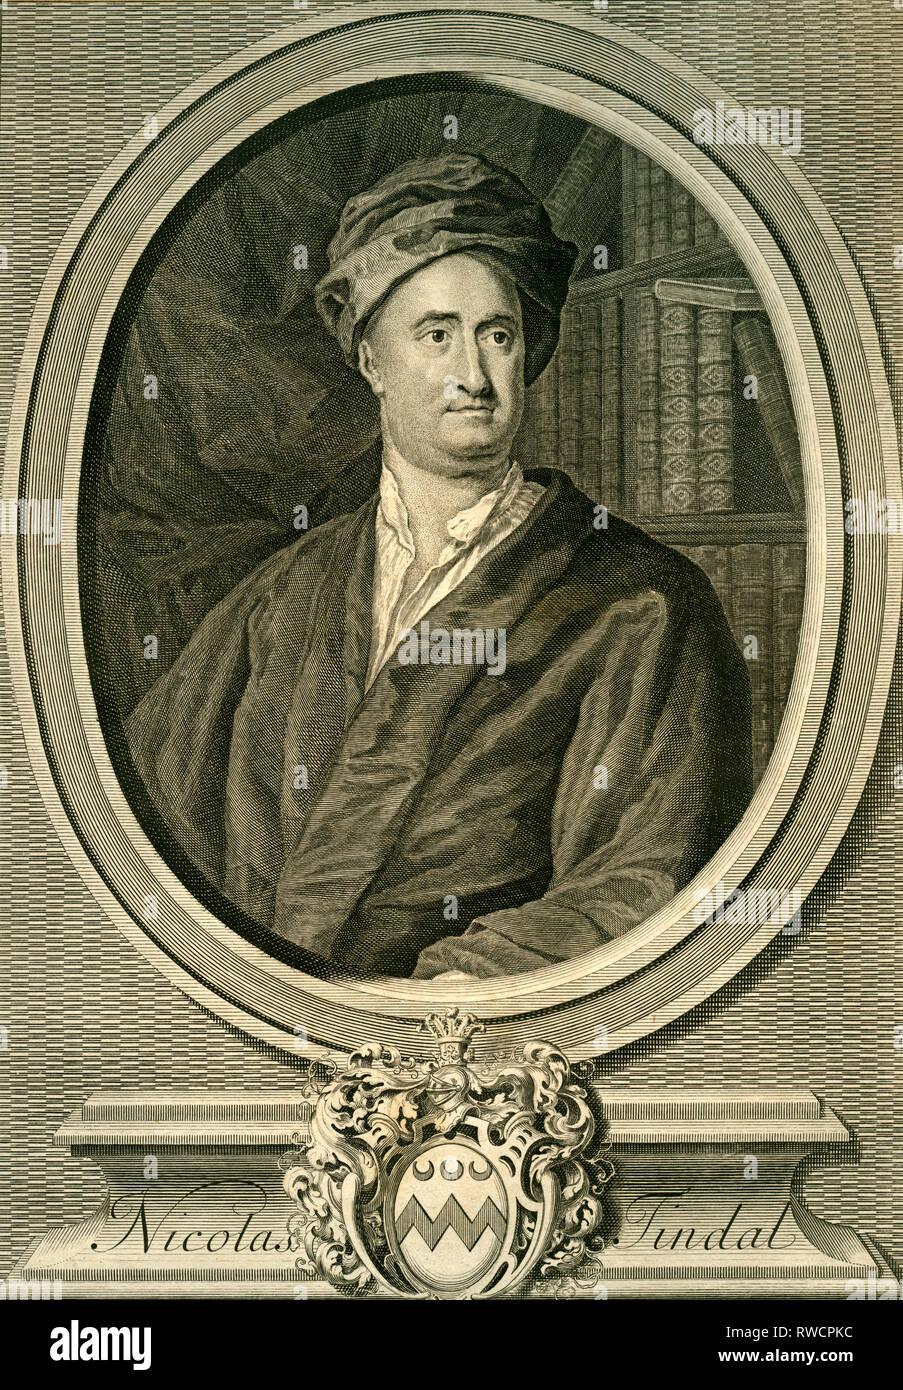 British traduttrice e storico (storia dell'Inghilterra), incisione su rame dopo Knapton, intorno al 1735., artista del diritto d'autore non deve essere cancellata Immagini Stock